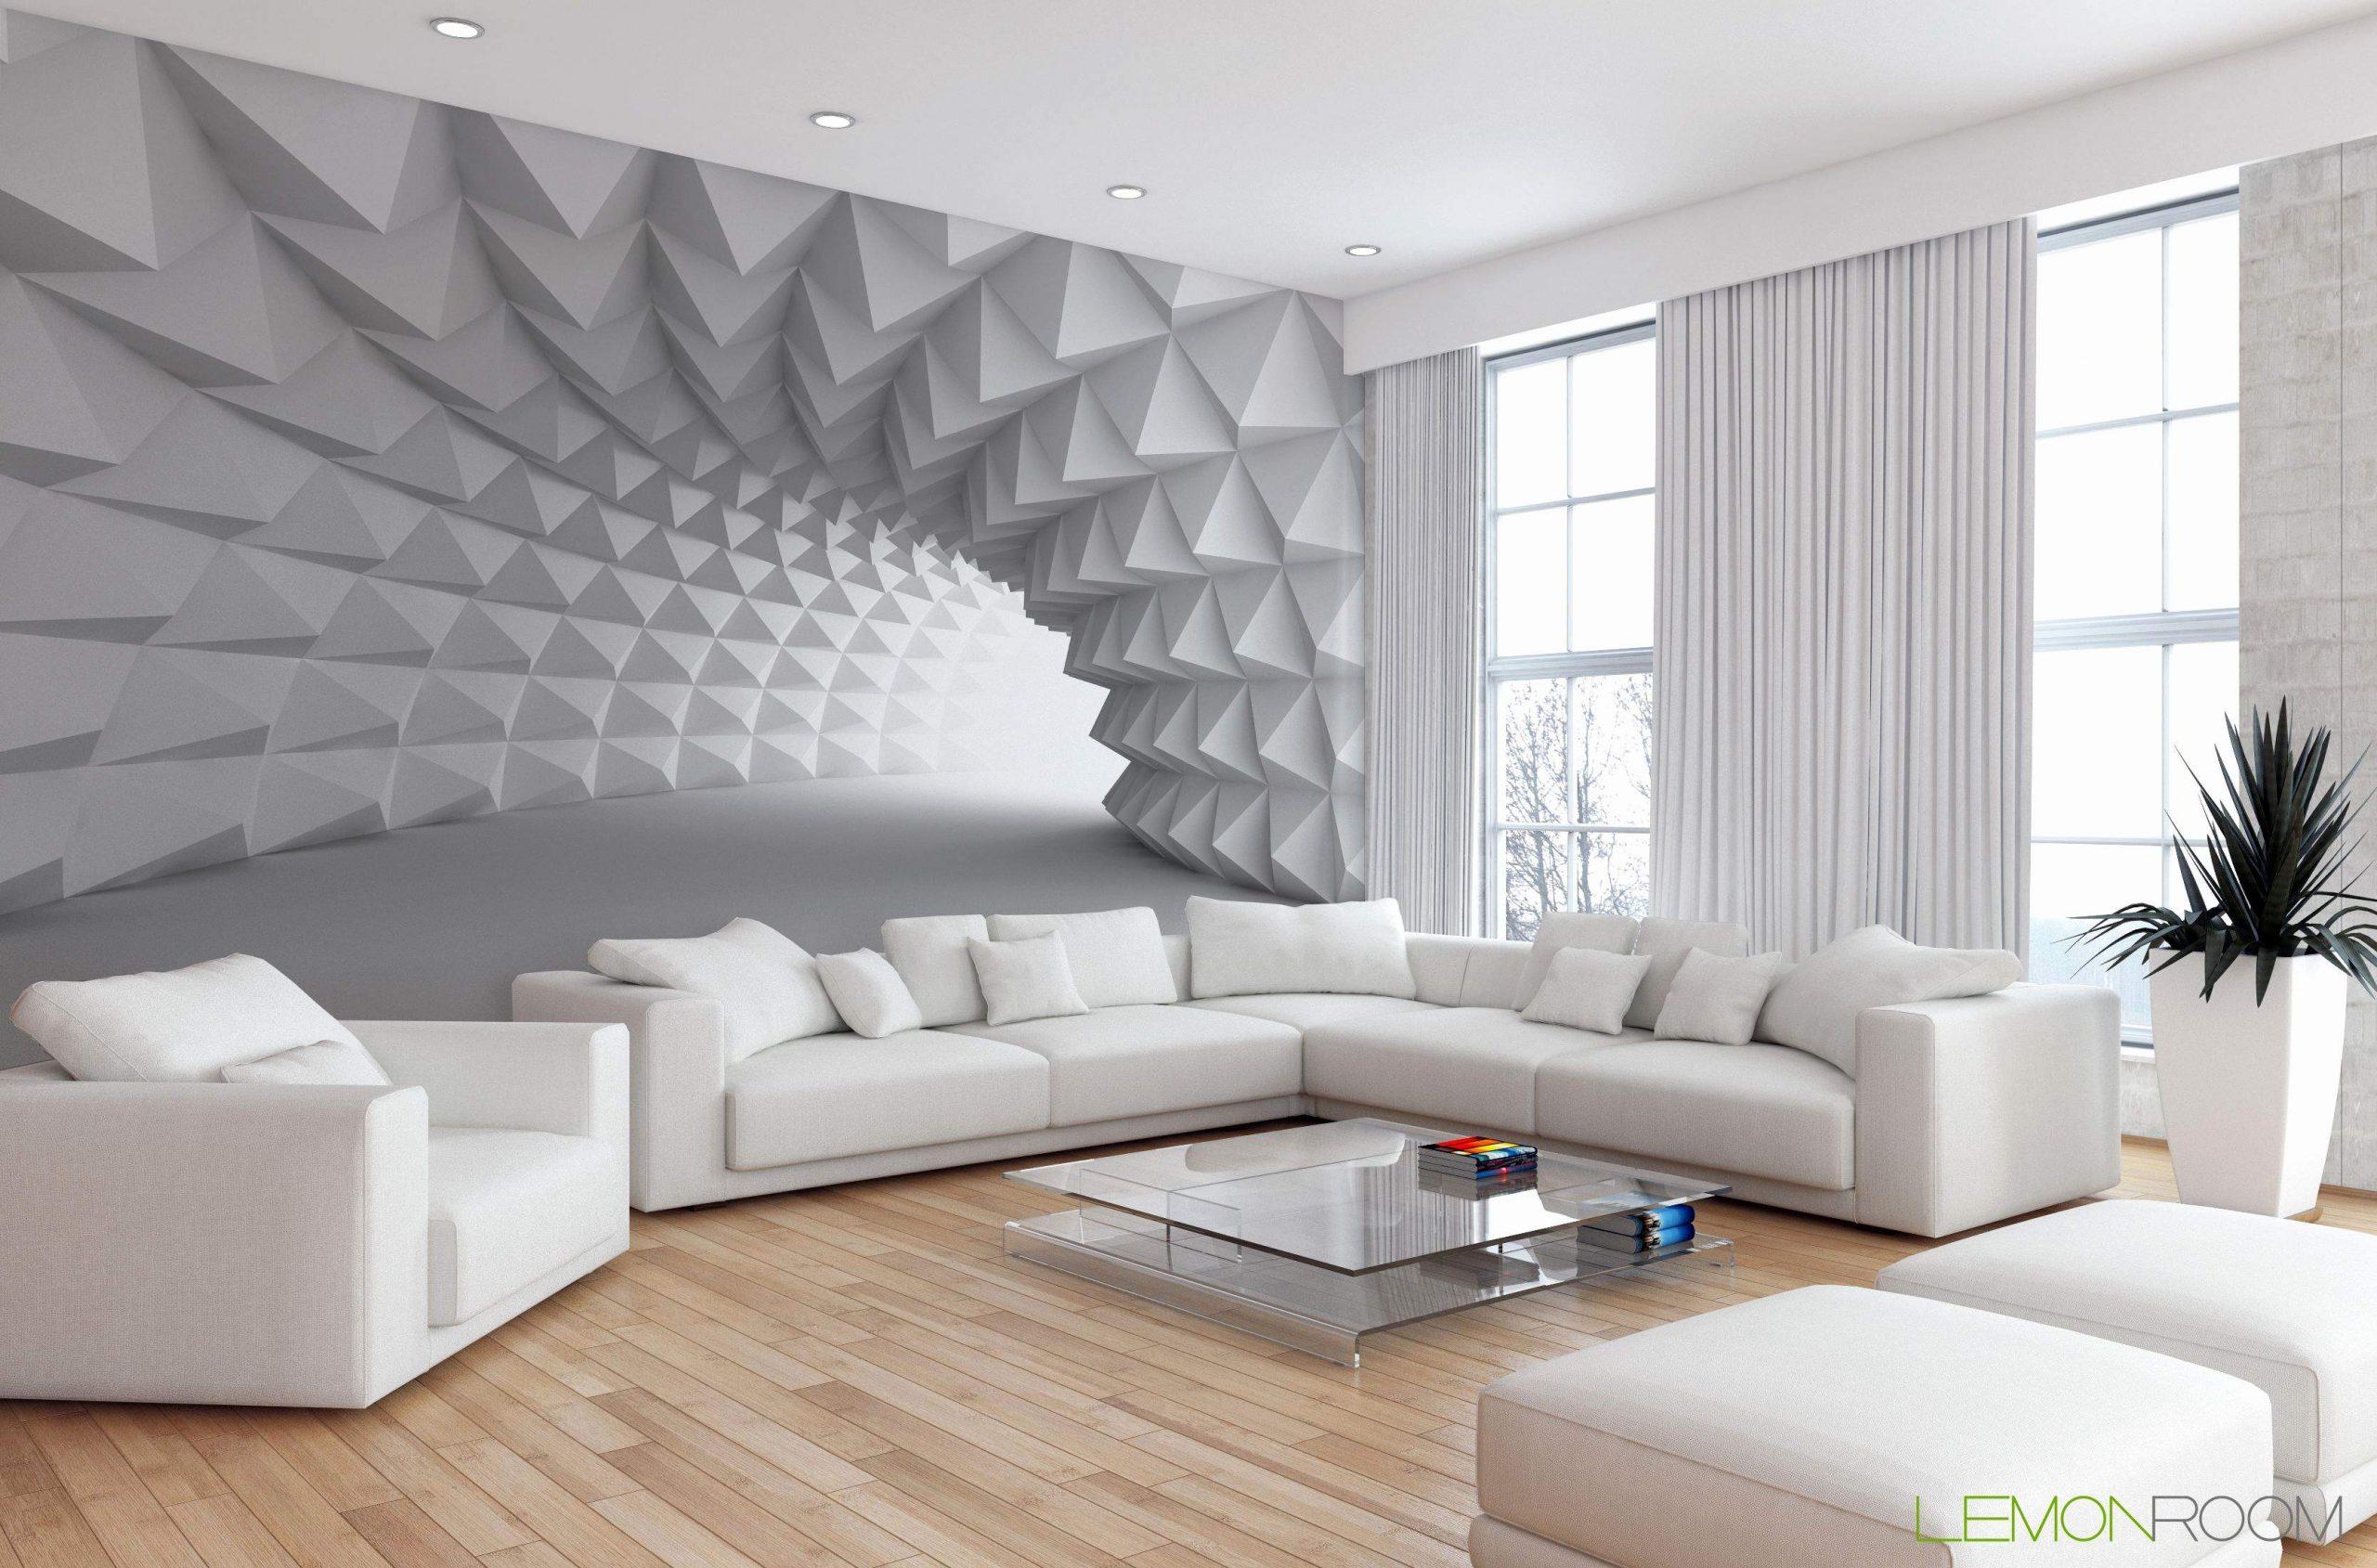 Full Size of Wohnzimmer Ideen Grau Elegant Wohnzimmer Tapete Grau Design Frisch Diese Jahre Wohnzimmer Wohnzimmer Tapete